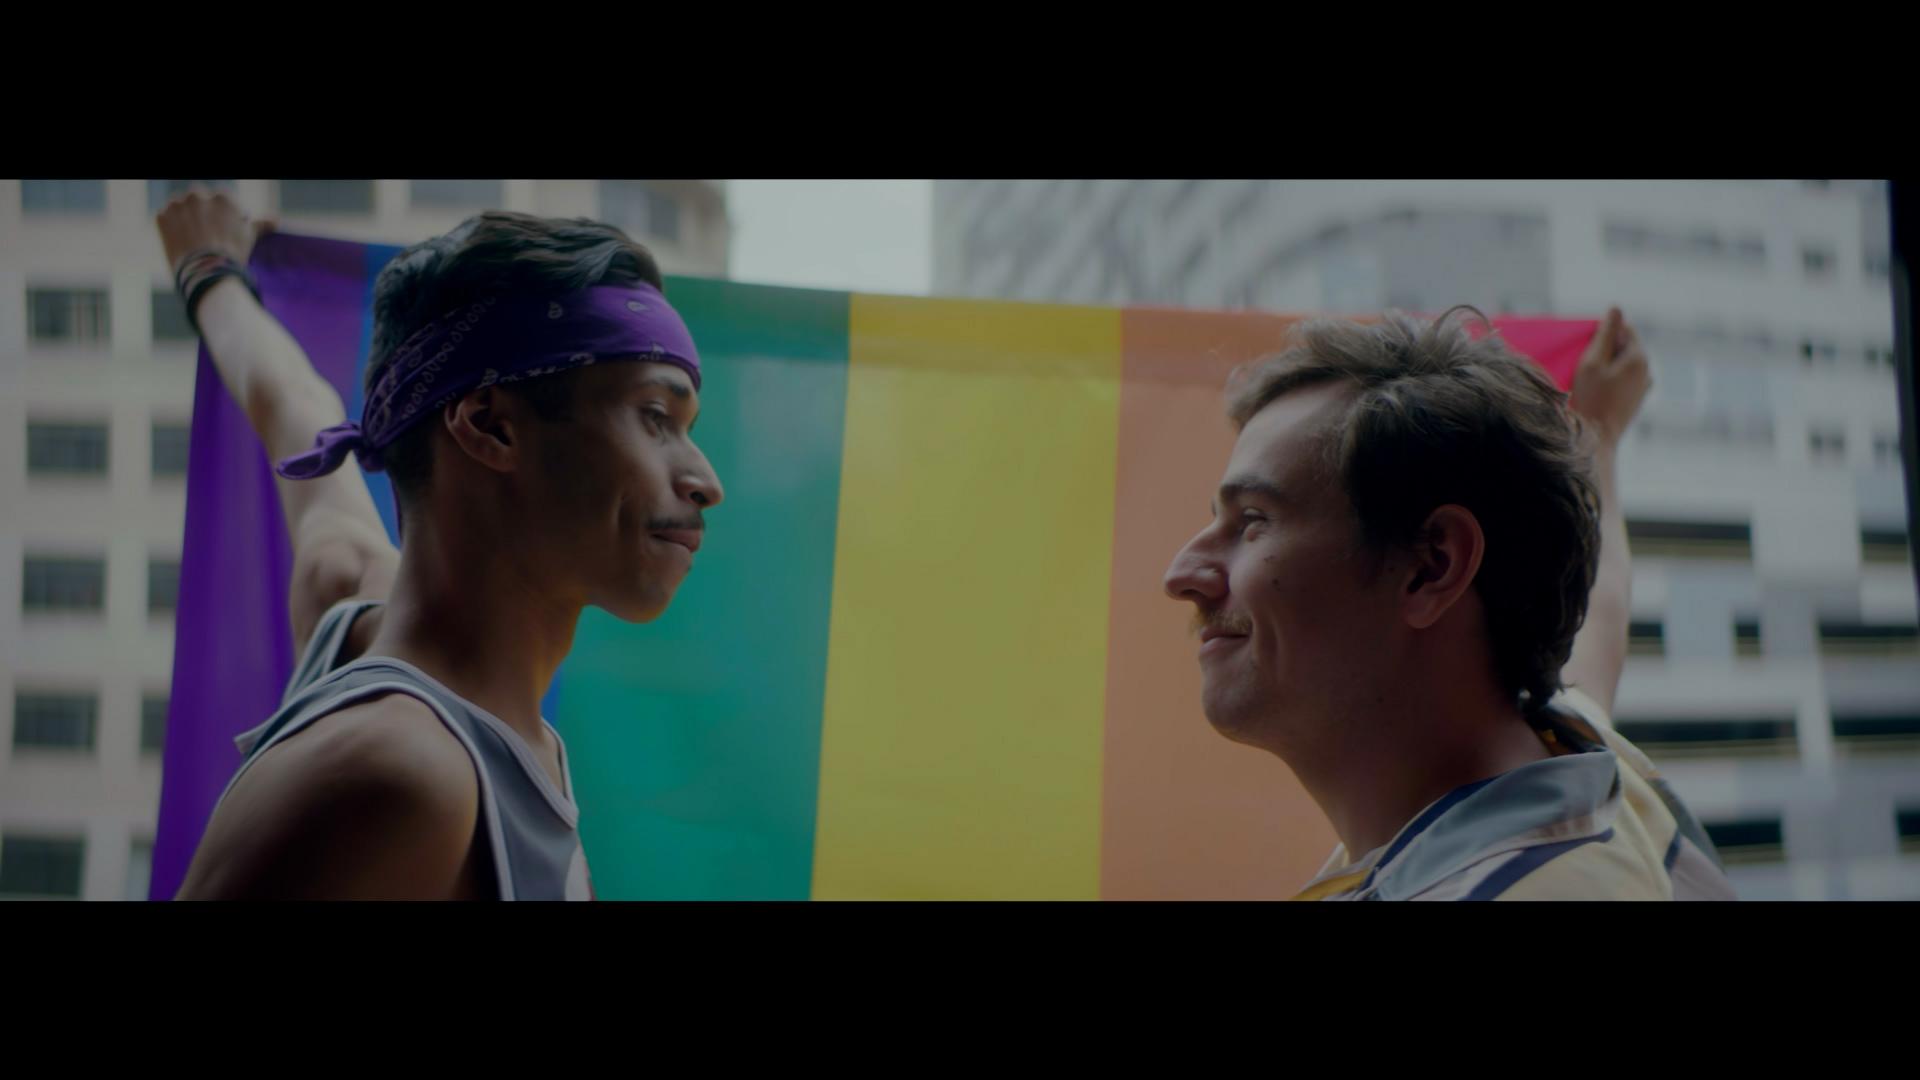 Parada LGBT da Bahia alerta sobre homotransfobia no convívio familiar durante a pandemia